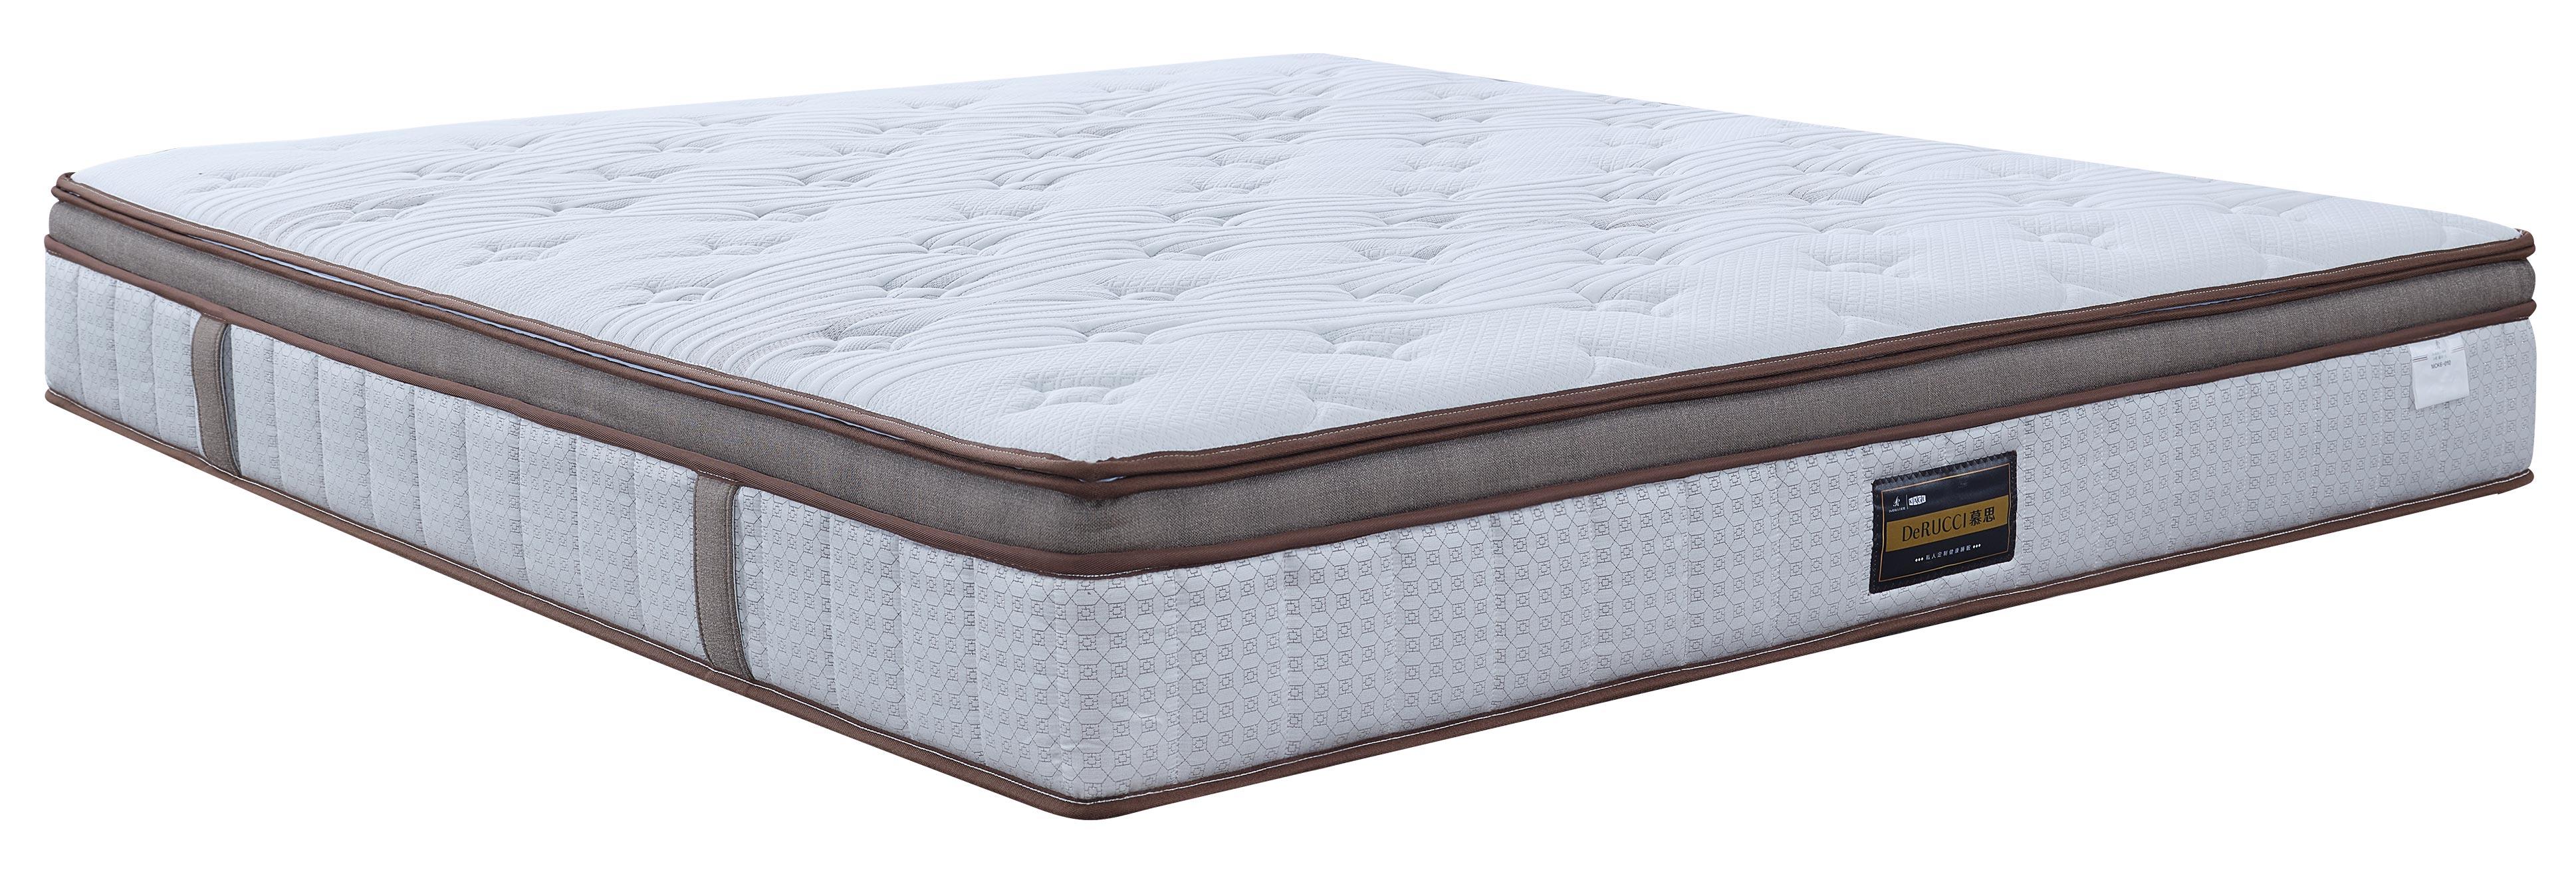 乳胶床垫的作用